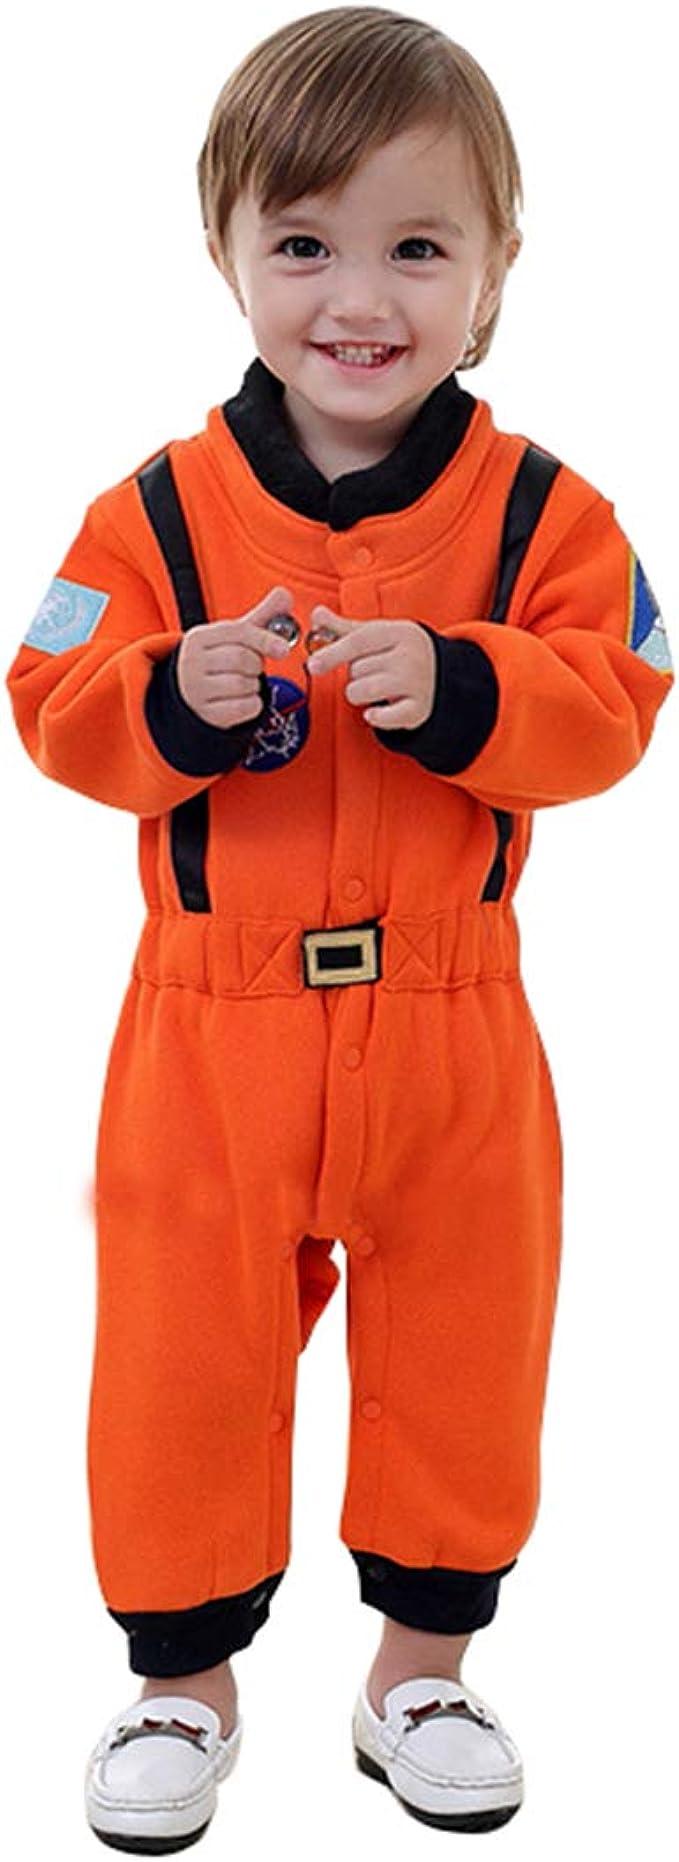 babypreg niños disfraz de astronauta de la NASA espacio traje ...